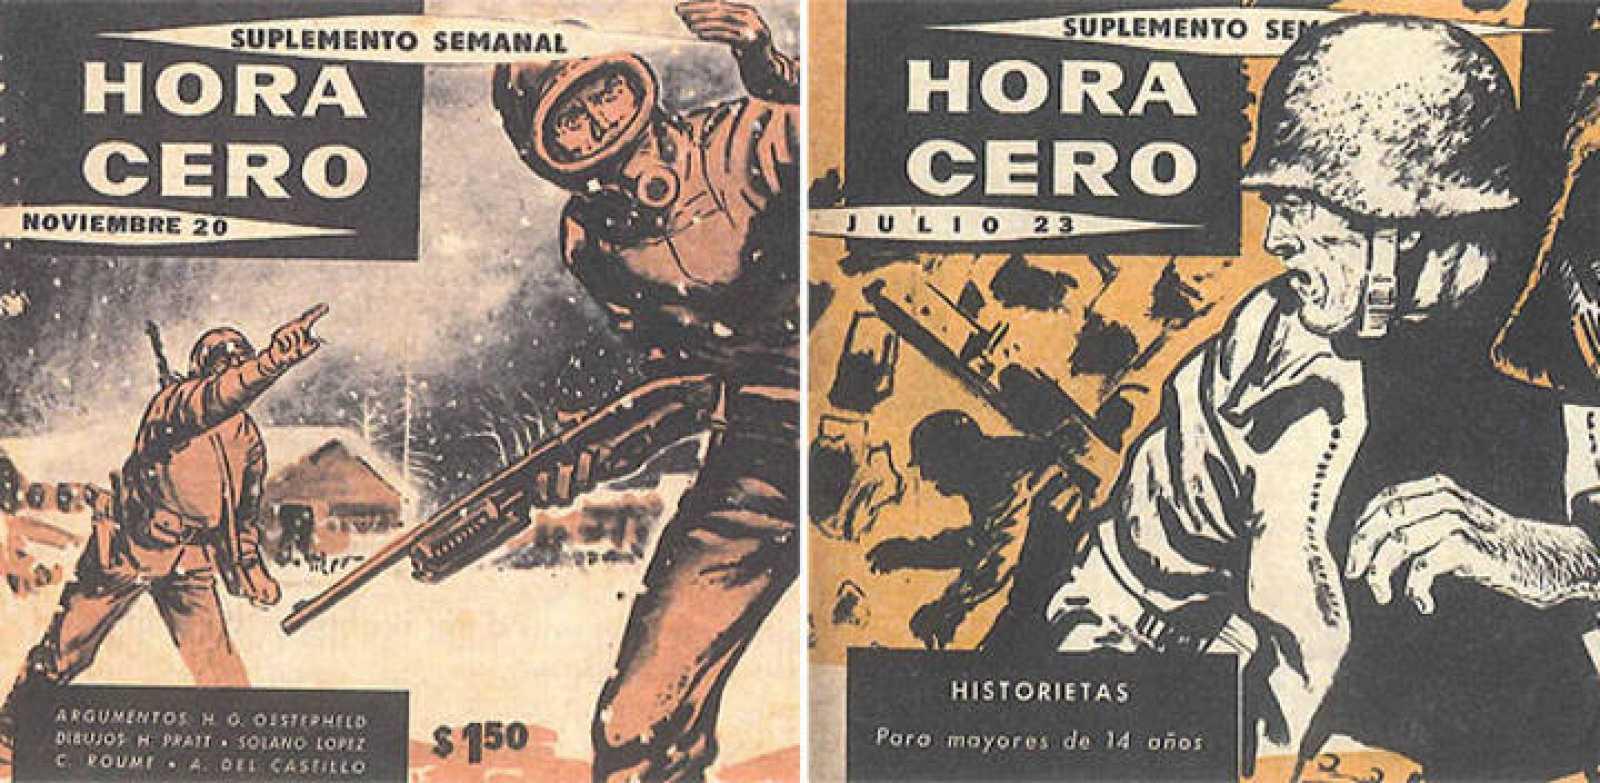 Fragmentos de portadas de 'Hora cero', donde se publicó 'El eternauta', de Oesterheld y Solano López